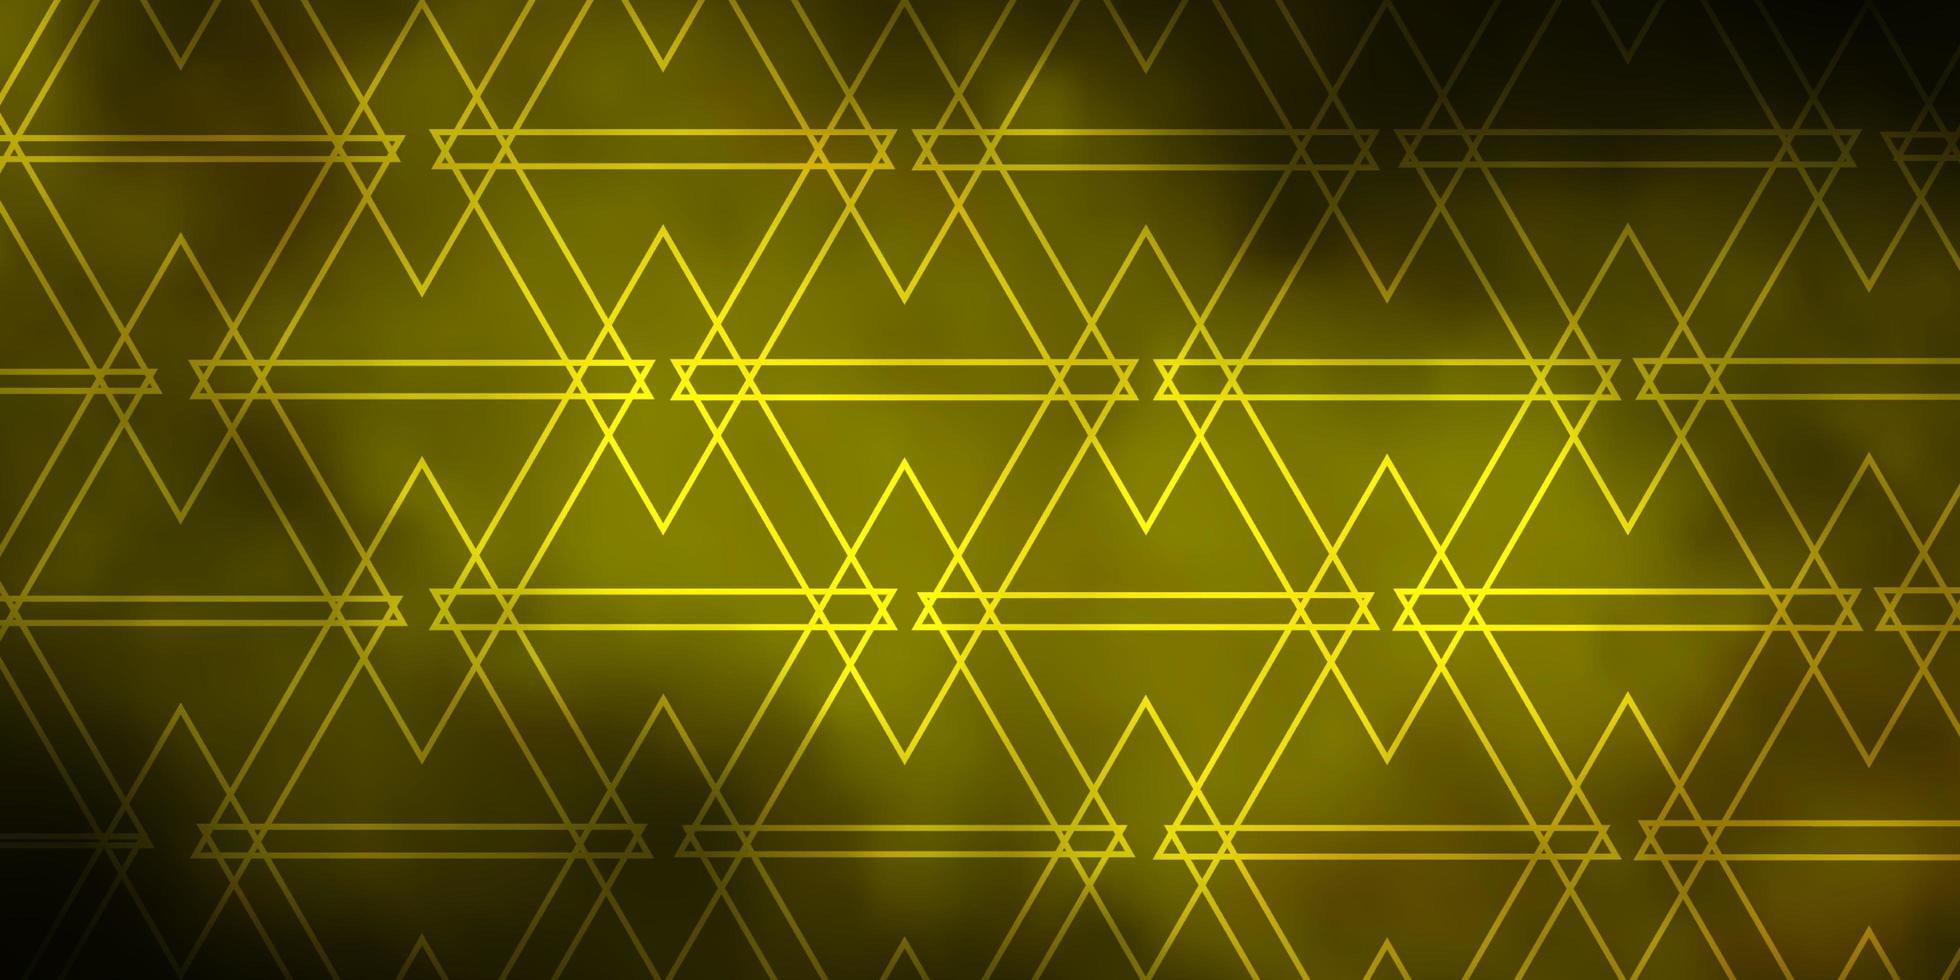 donkergroene en gele achtergrond met driehoeken. vector